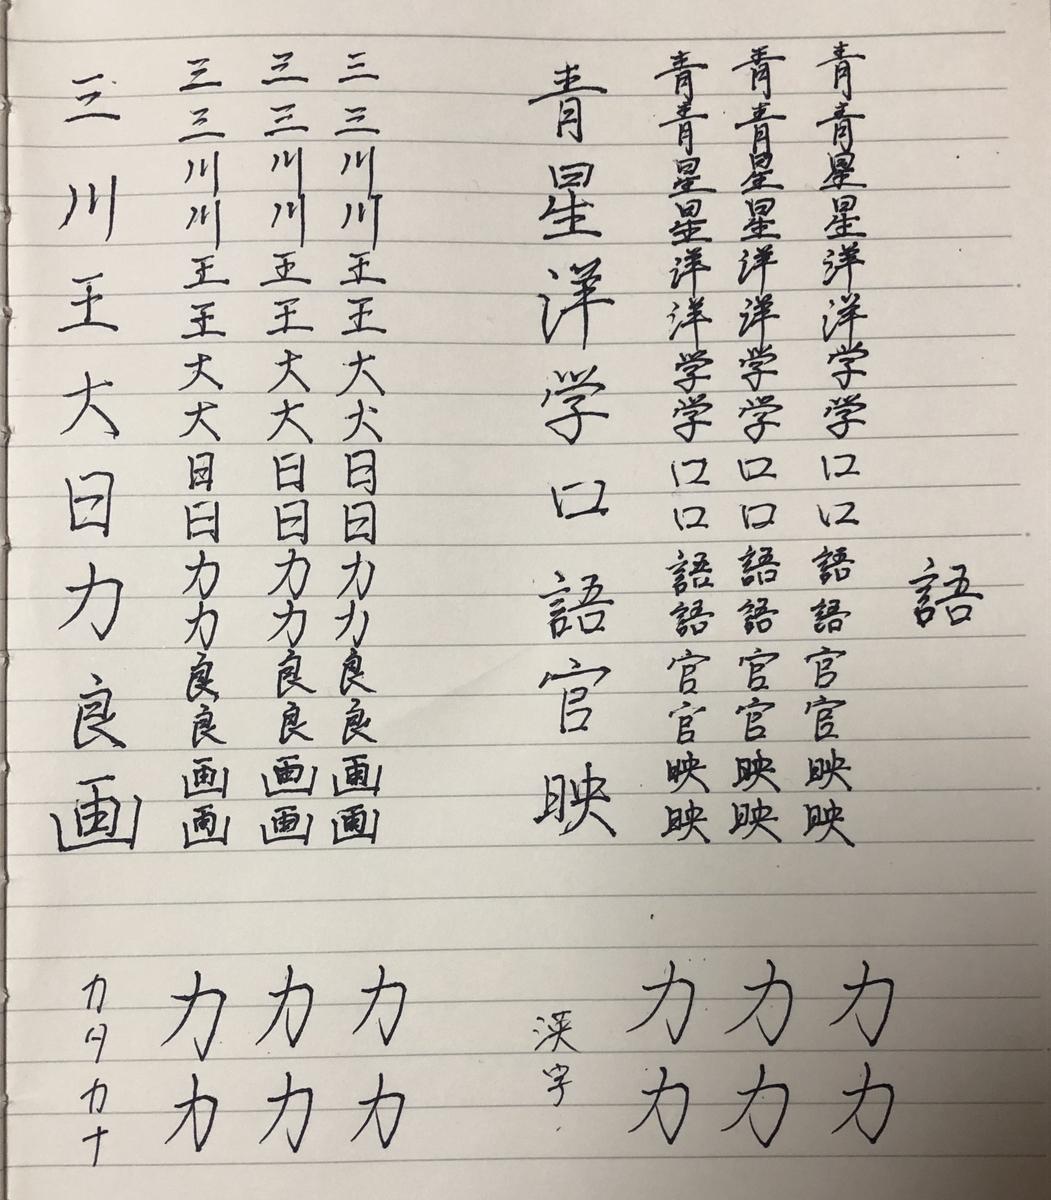 f:id:shioaji78:20200722211308j:plain